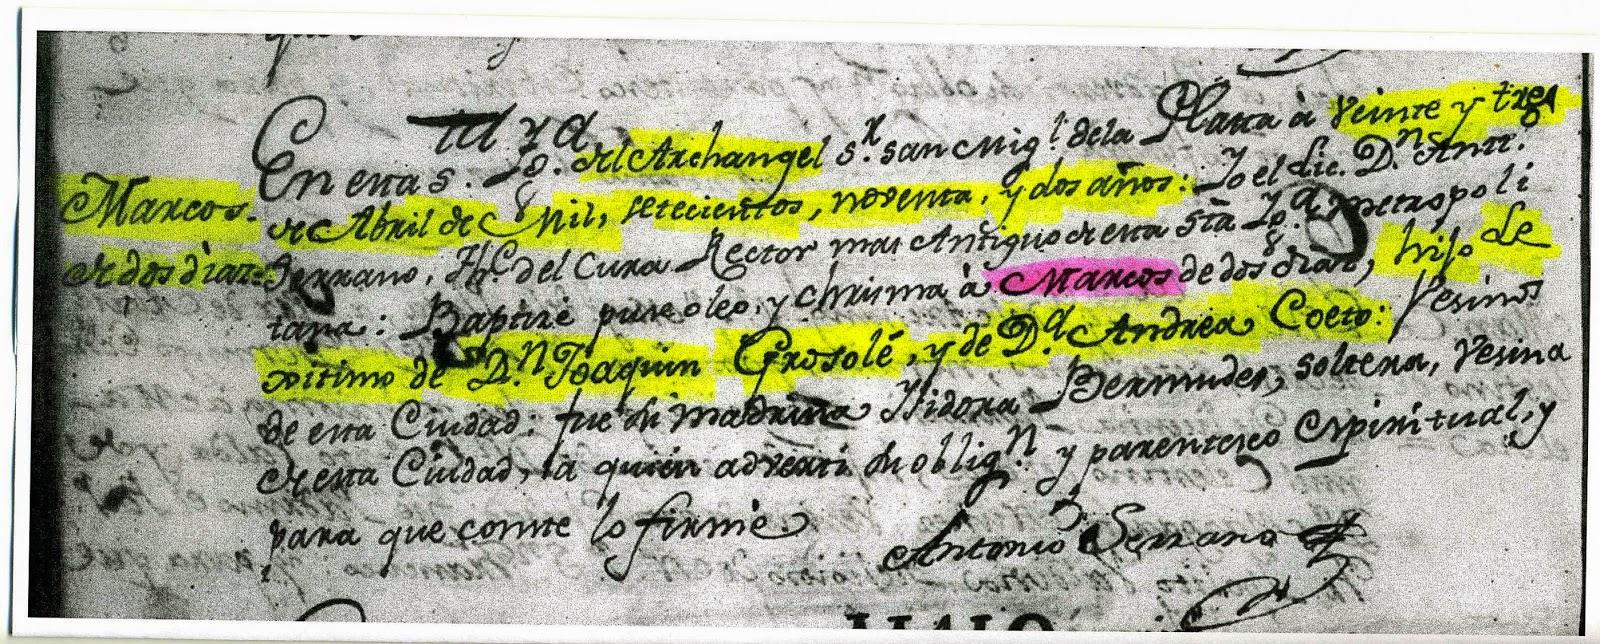 Genealogía en Bolivia: El Presidente de Bolivia Hilarión Daza ...